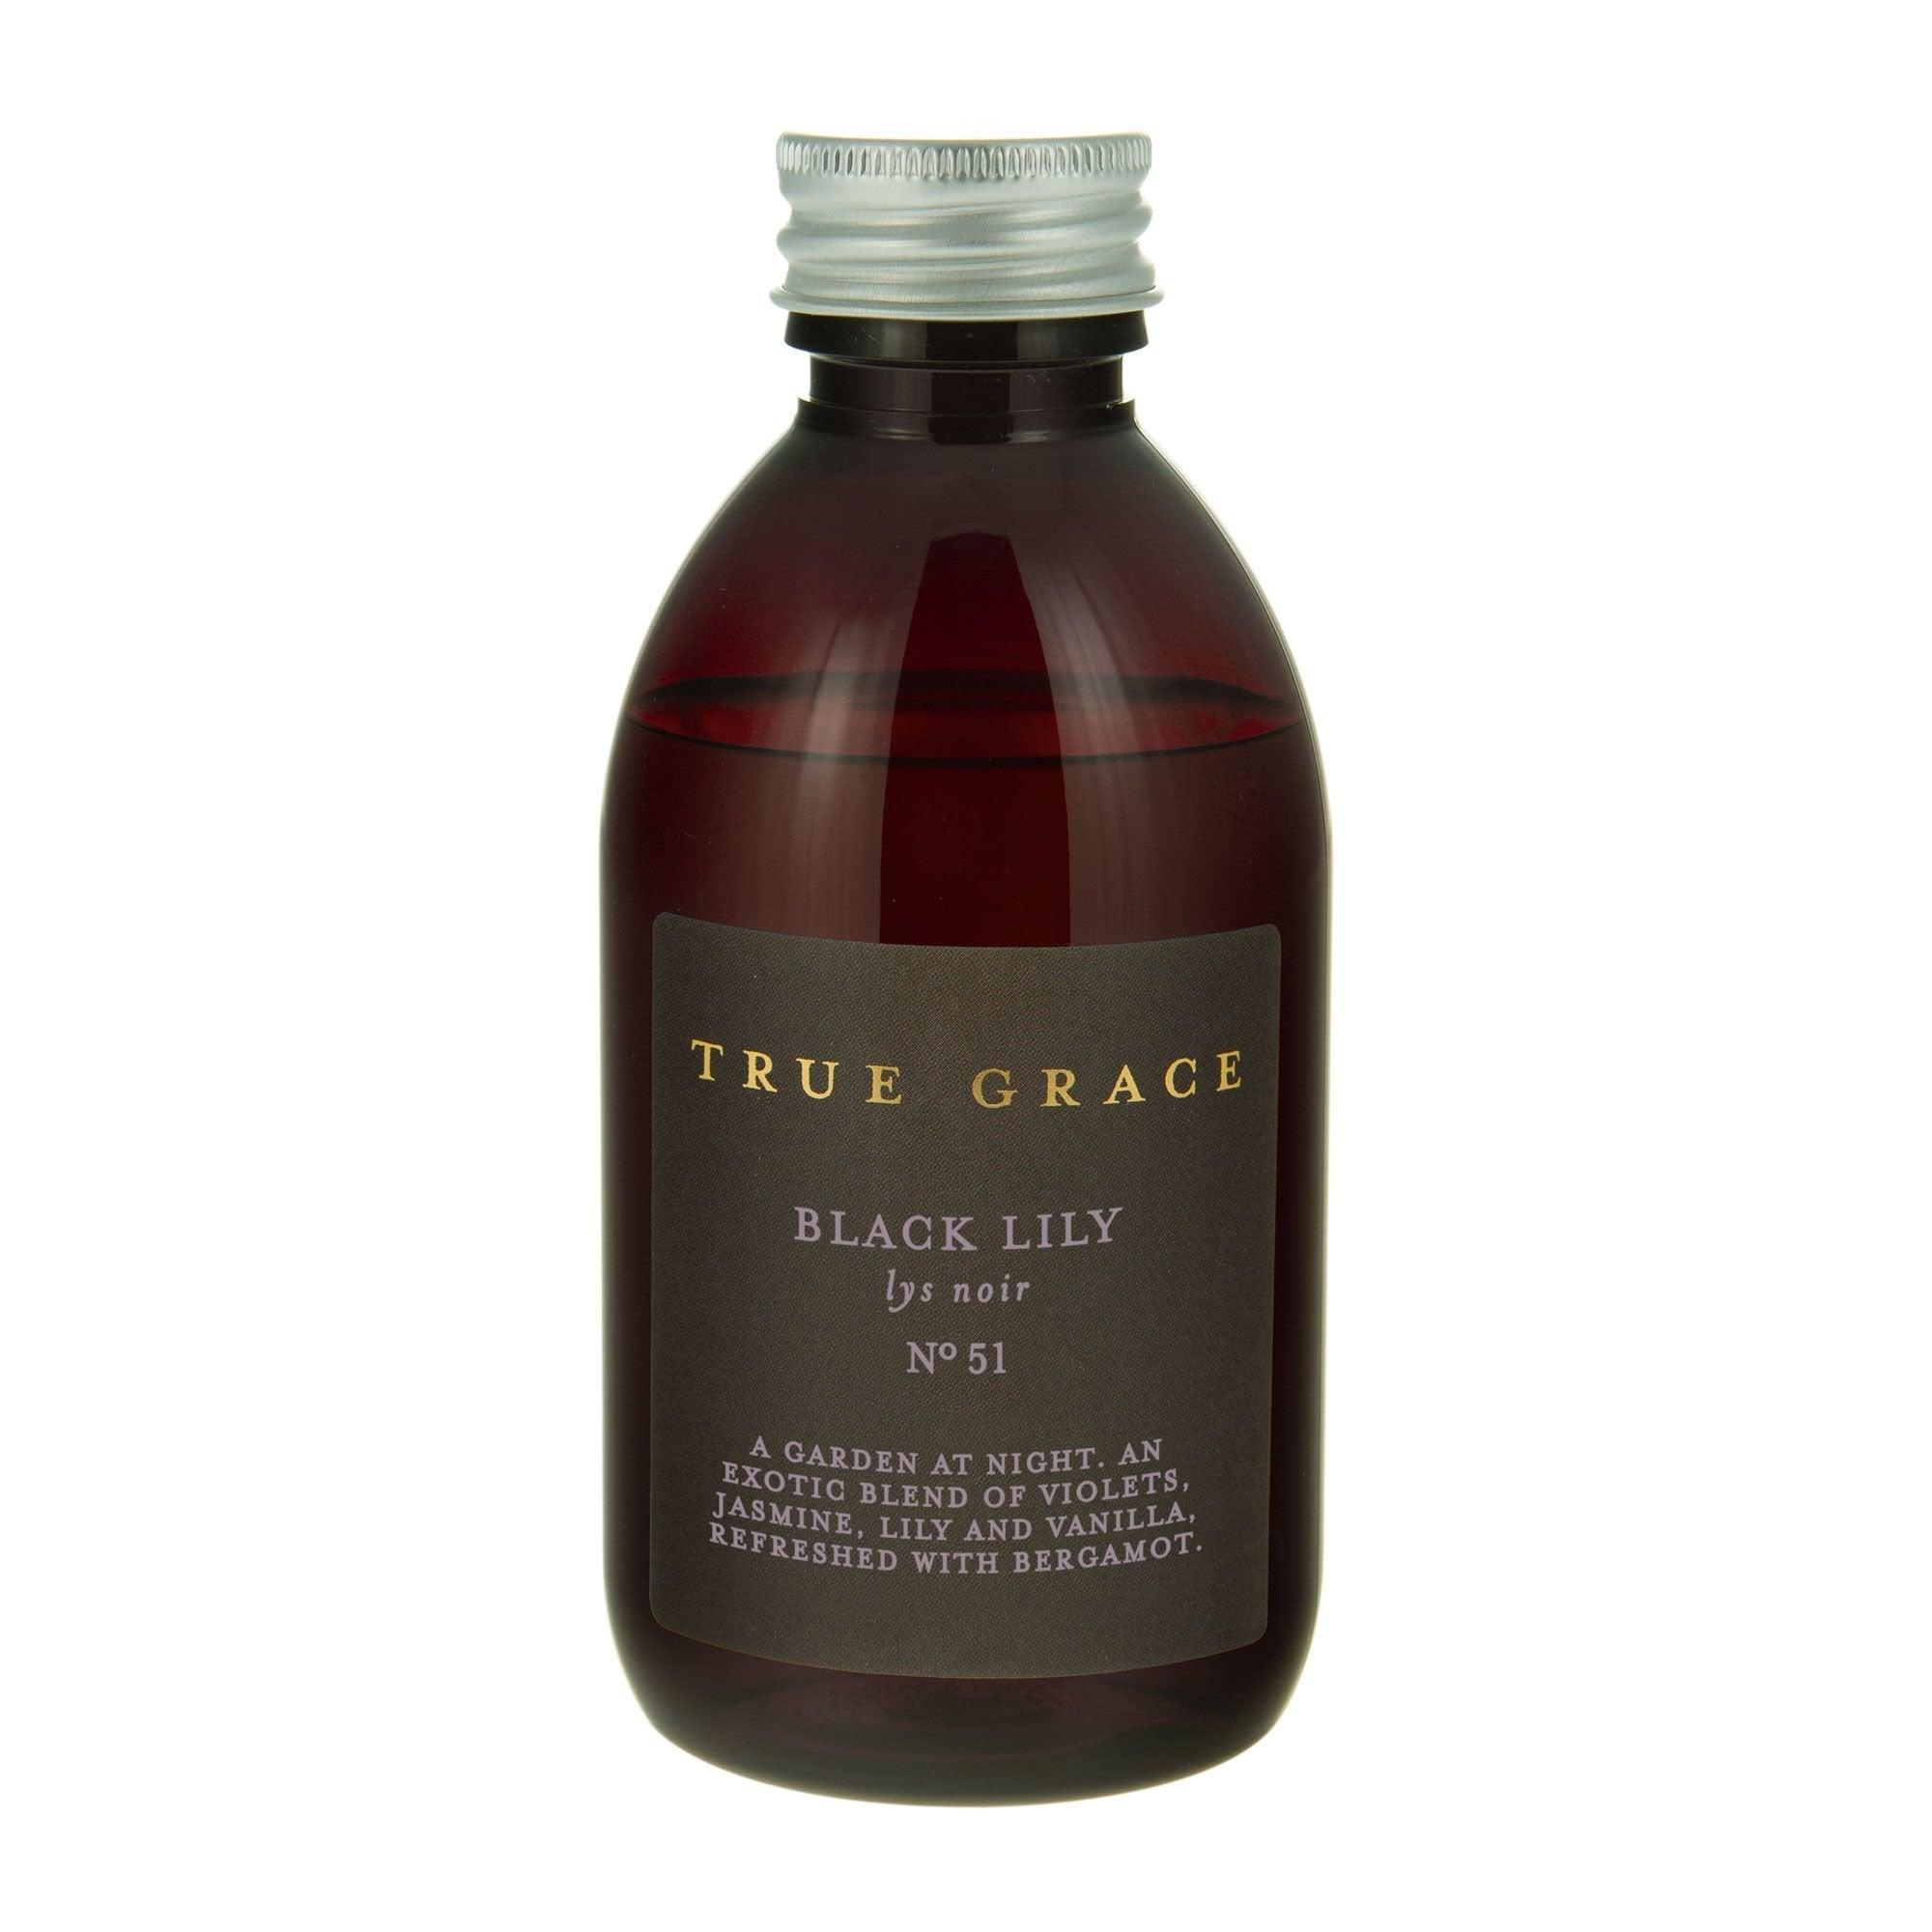 true-grace-black-lily-diffuser-refill